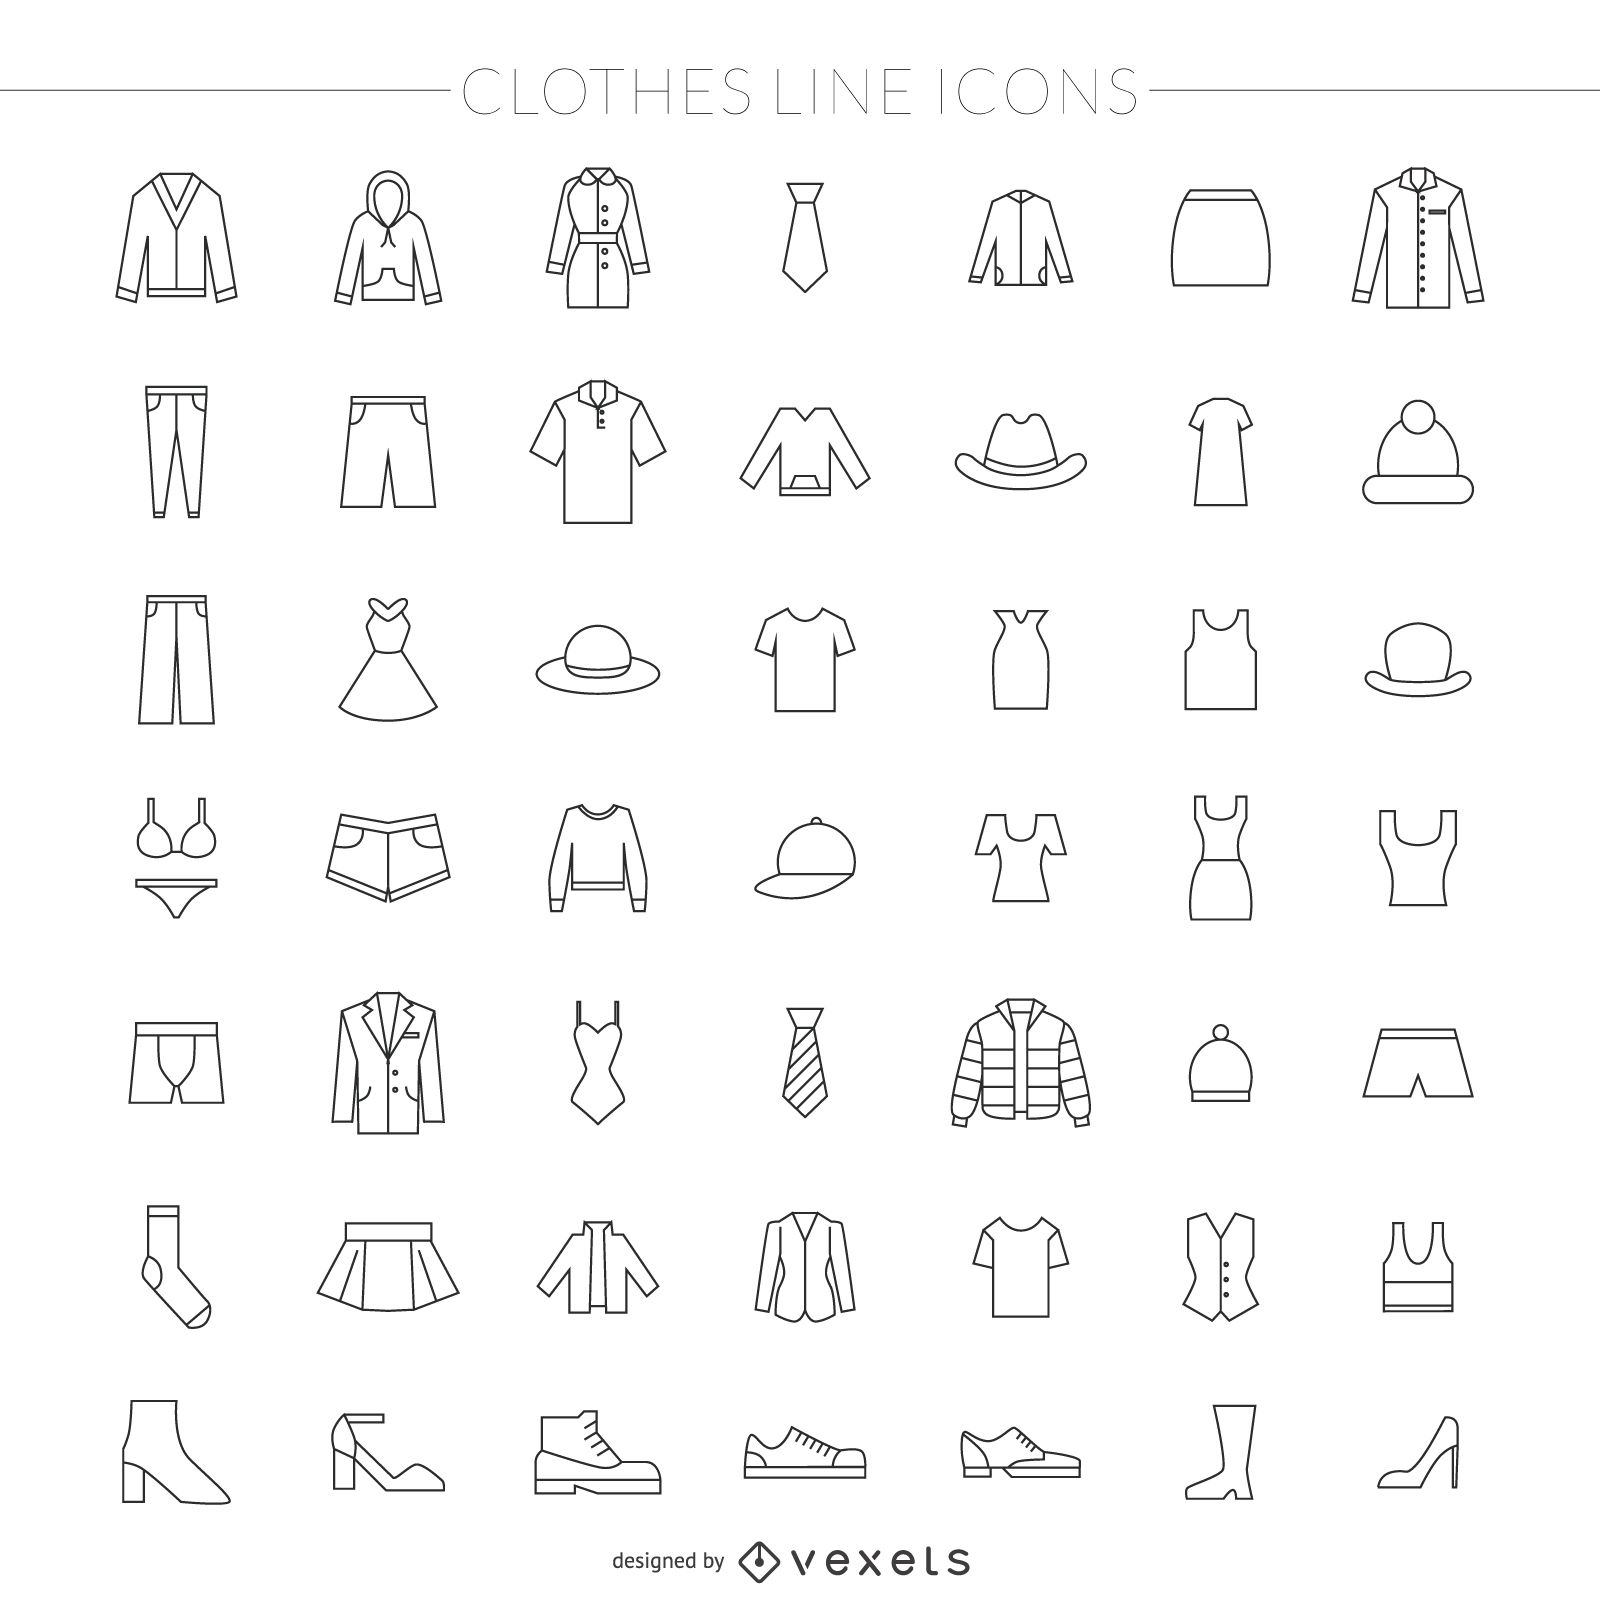 Paquete de iconos de línea fina de ropa